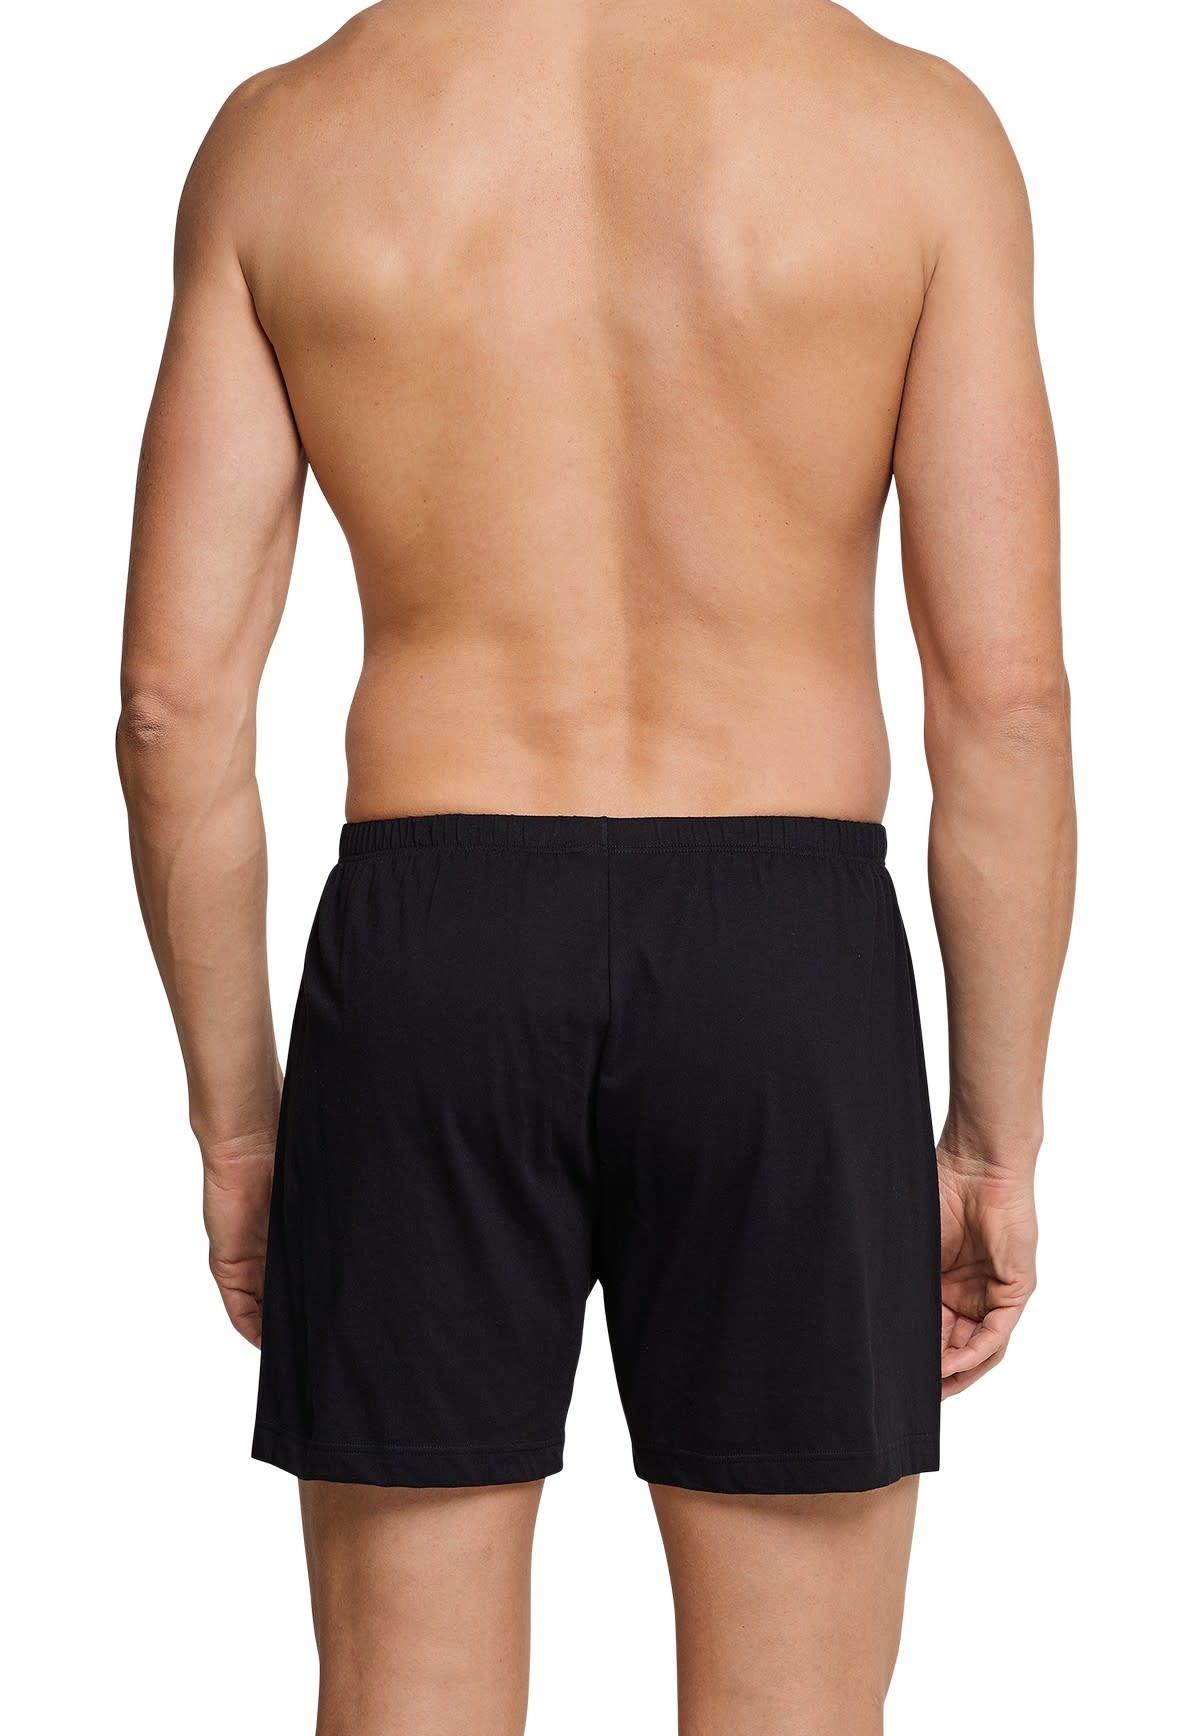 Boxershort zwart - 110291-2